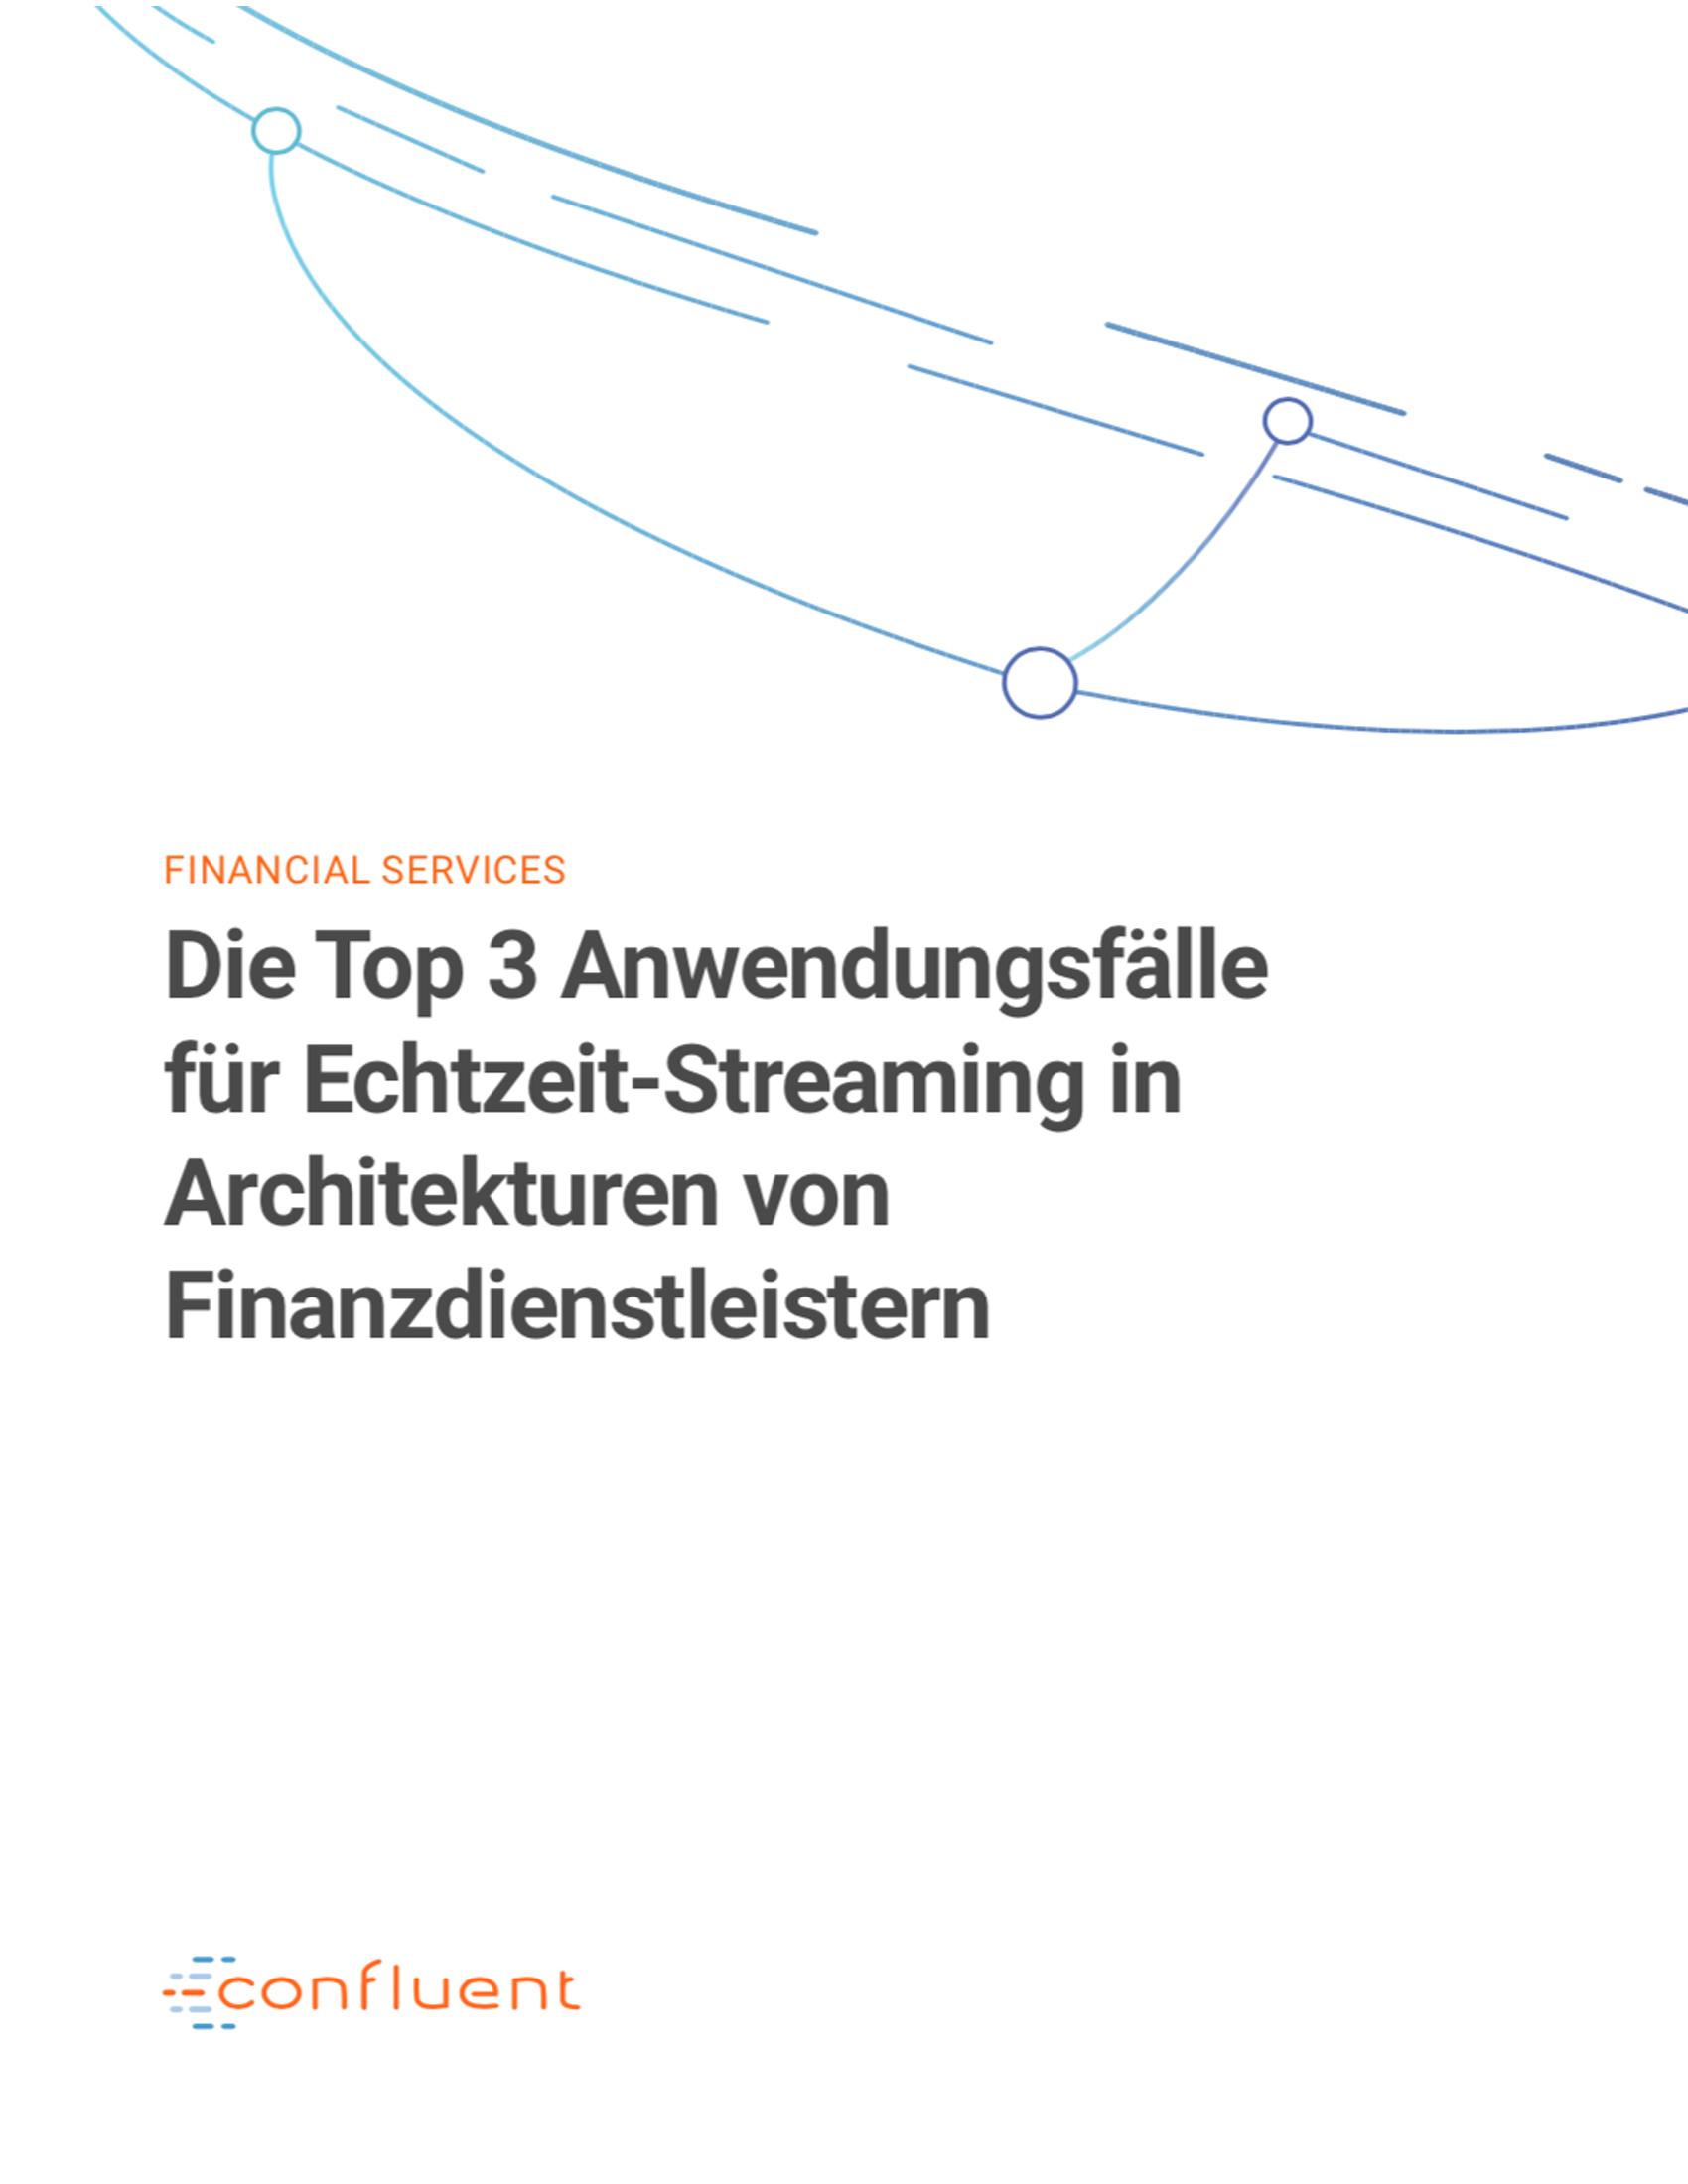 Die Top 3 Anwendungsfälle für Echtzeit-Streaming in Architekturen von Finanzdienstleistern